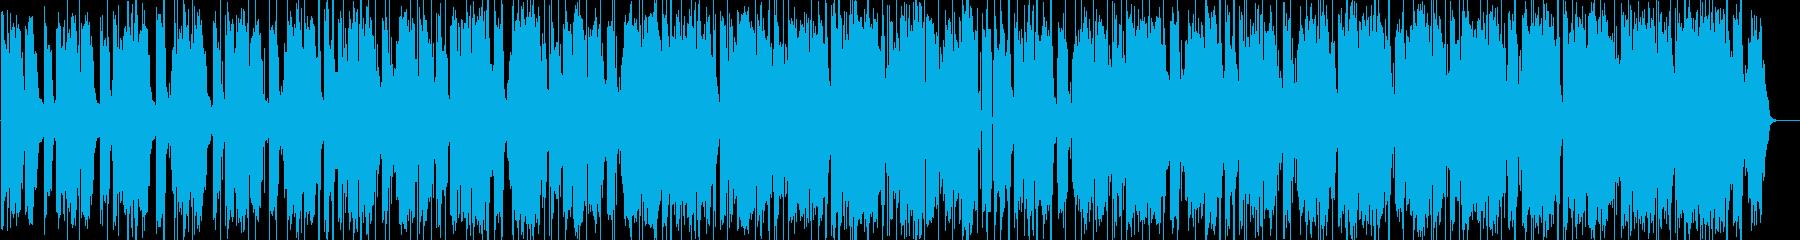 80年代風アーバンサウンドの再生済みの波形